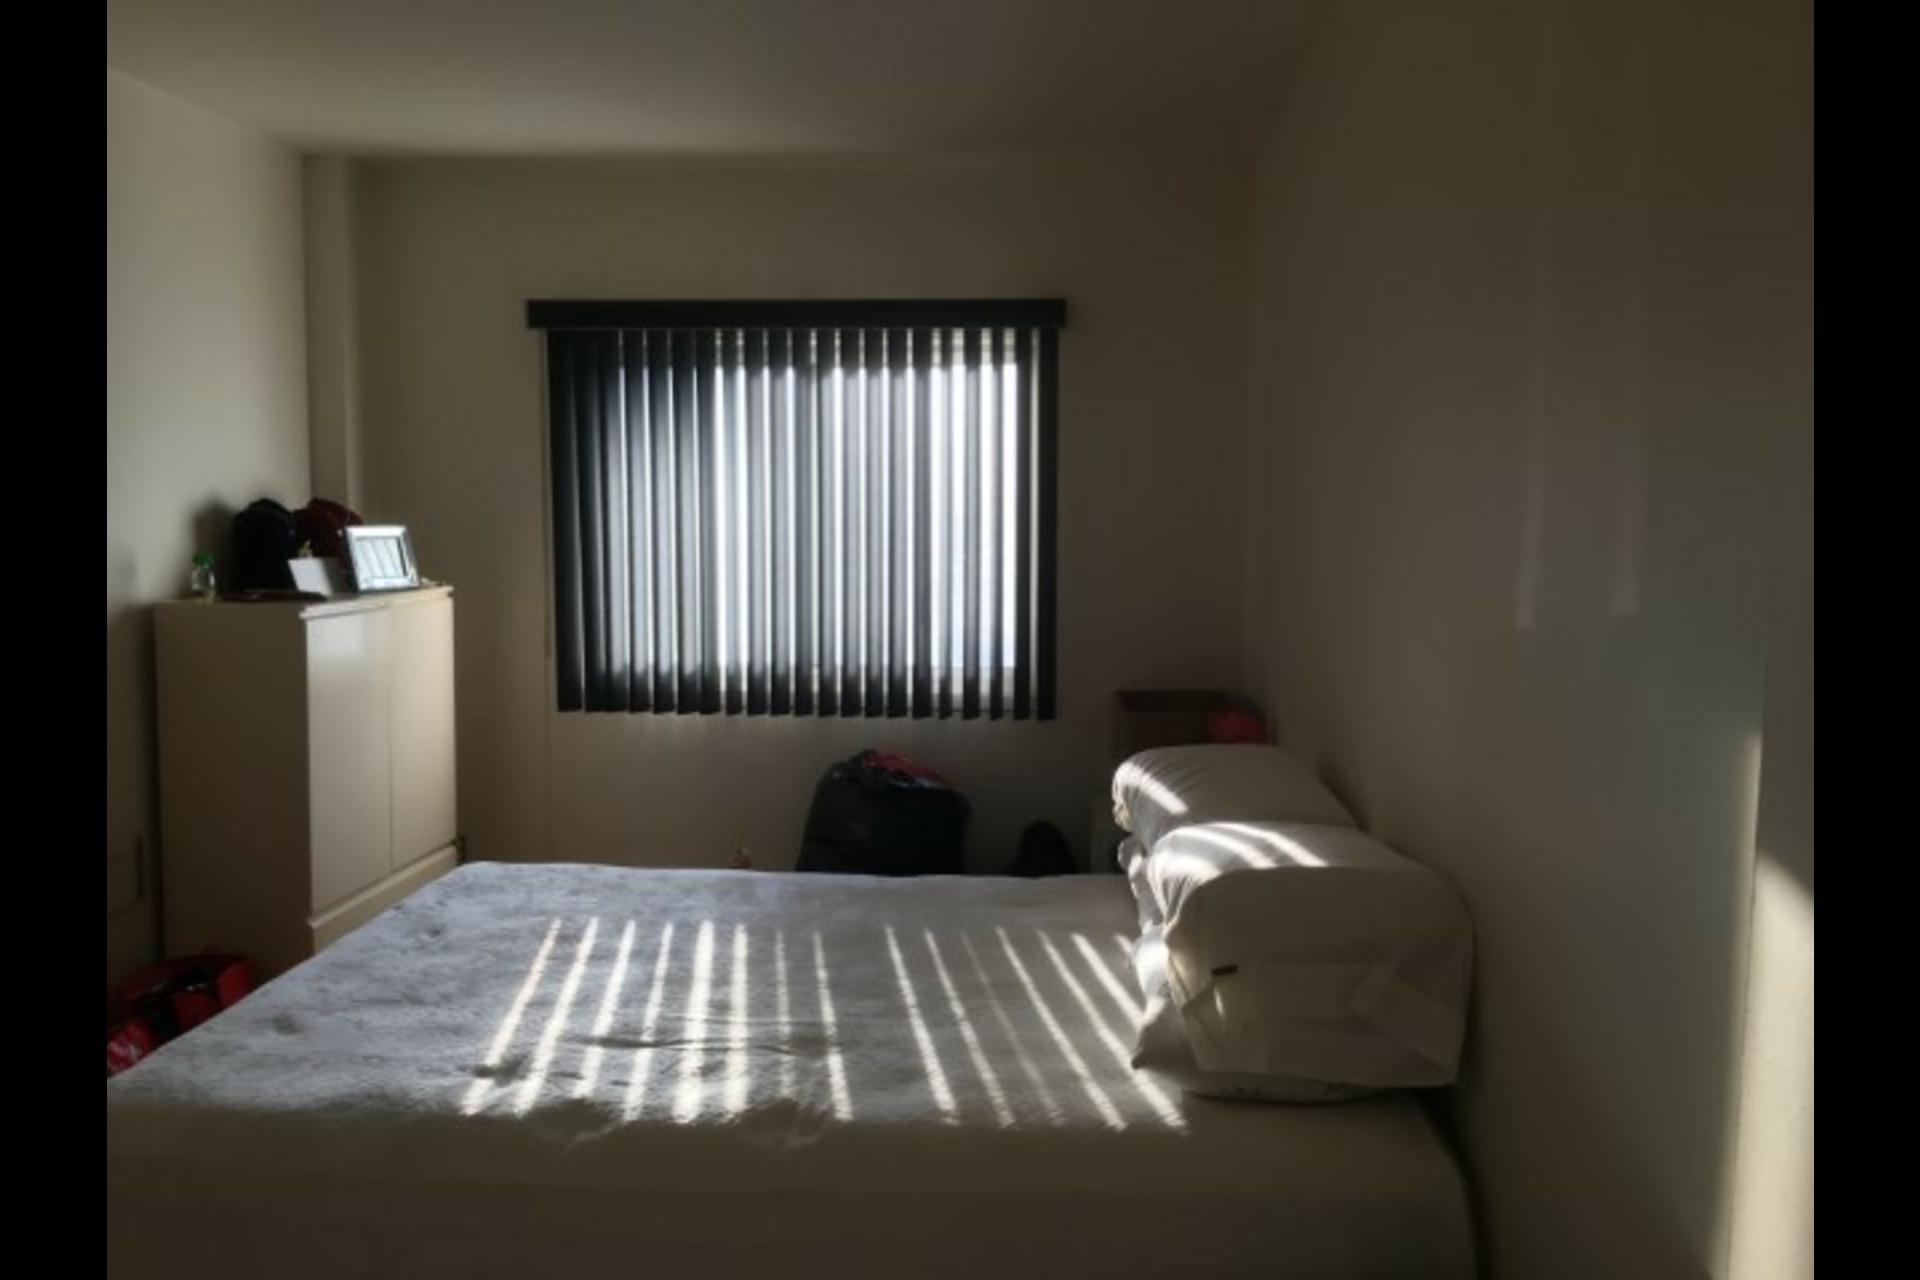 image 6 - Appartement À louer Montréal Saint-Leonard - 3 pièces